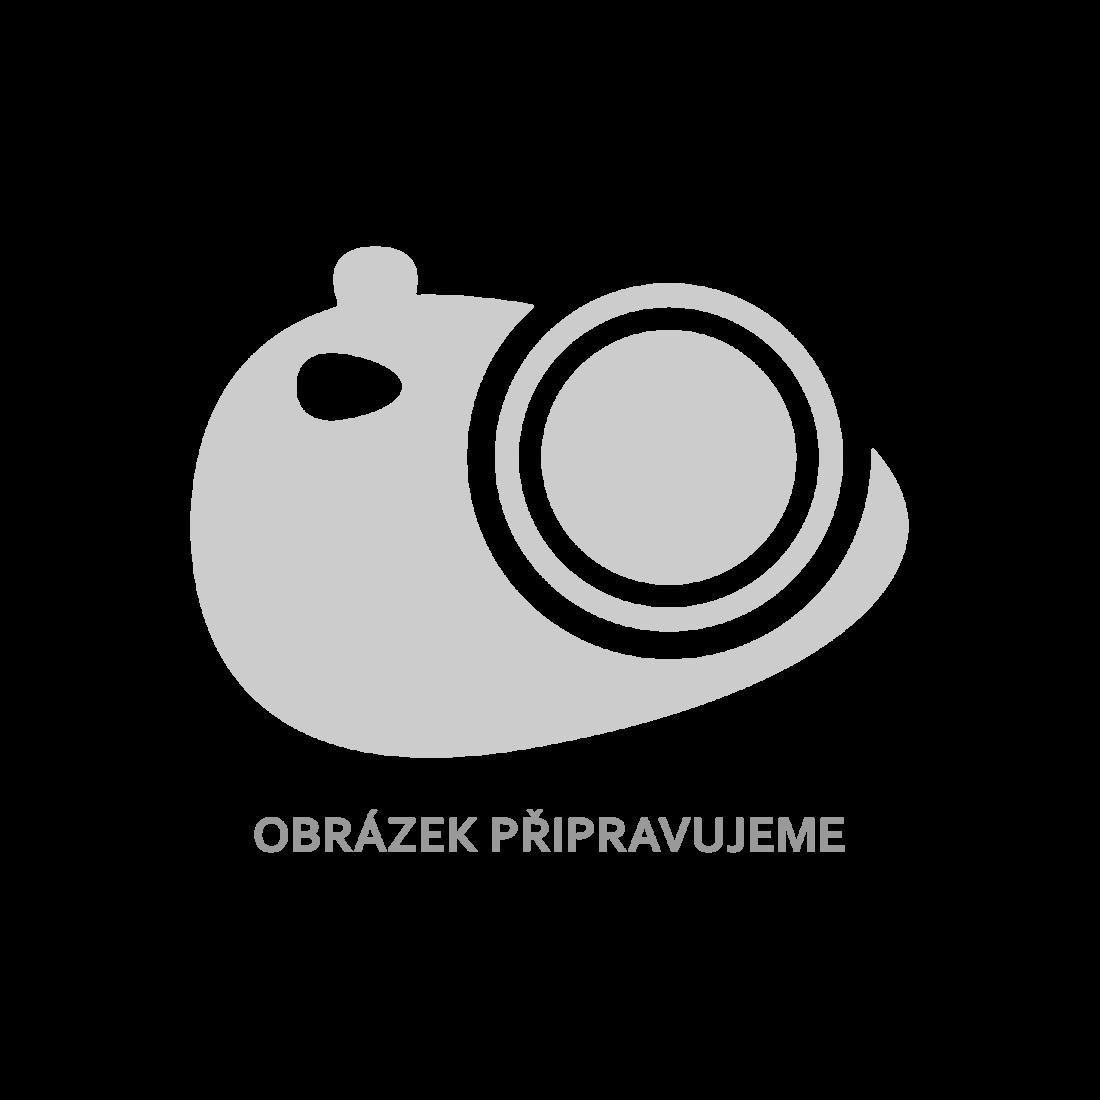 vidaXL Noční stolky 2 ks světlé dřevo 35x30x40 cm masivní borové dřevo [322239]